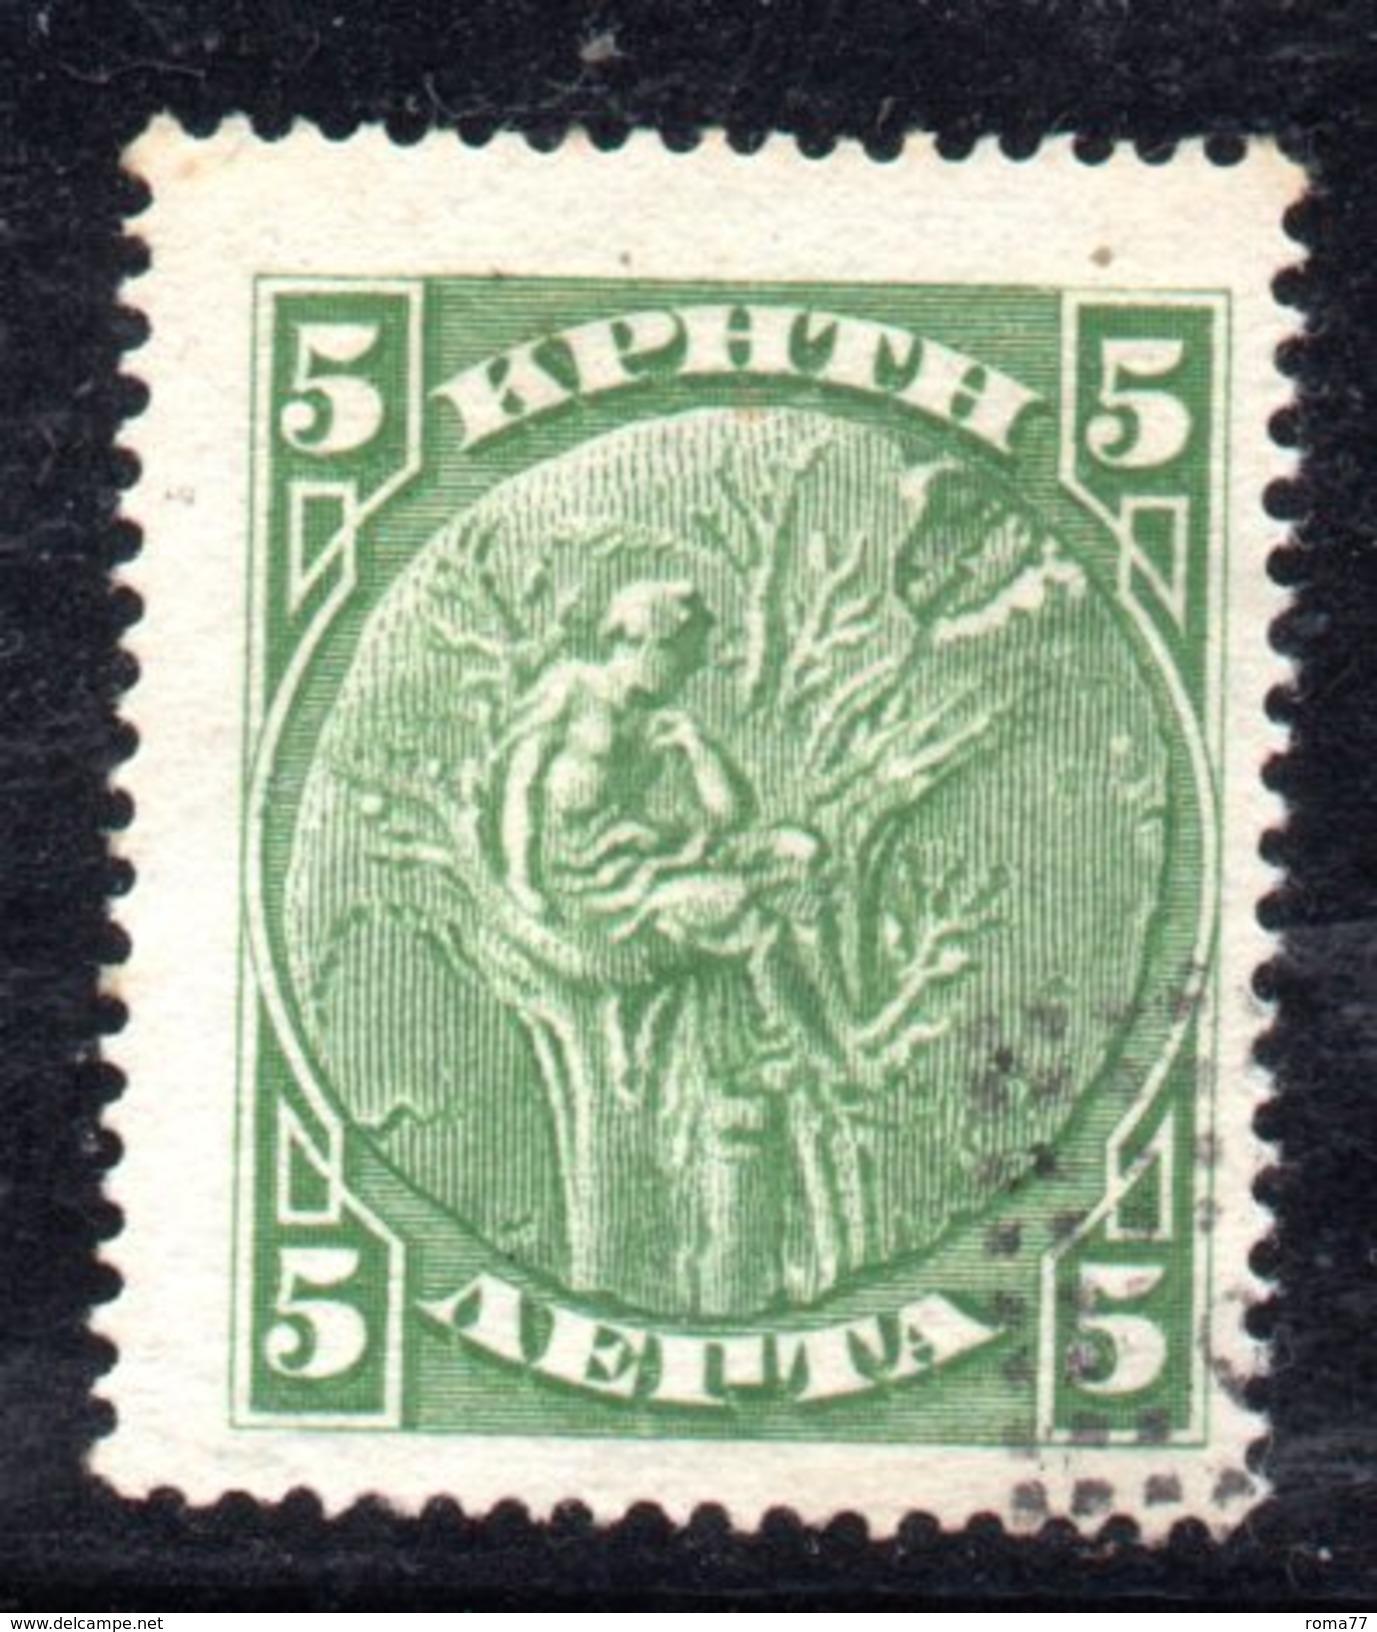 XP2913 - CRETA , 5  Lepta Verde  Usato - Creta